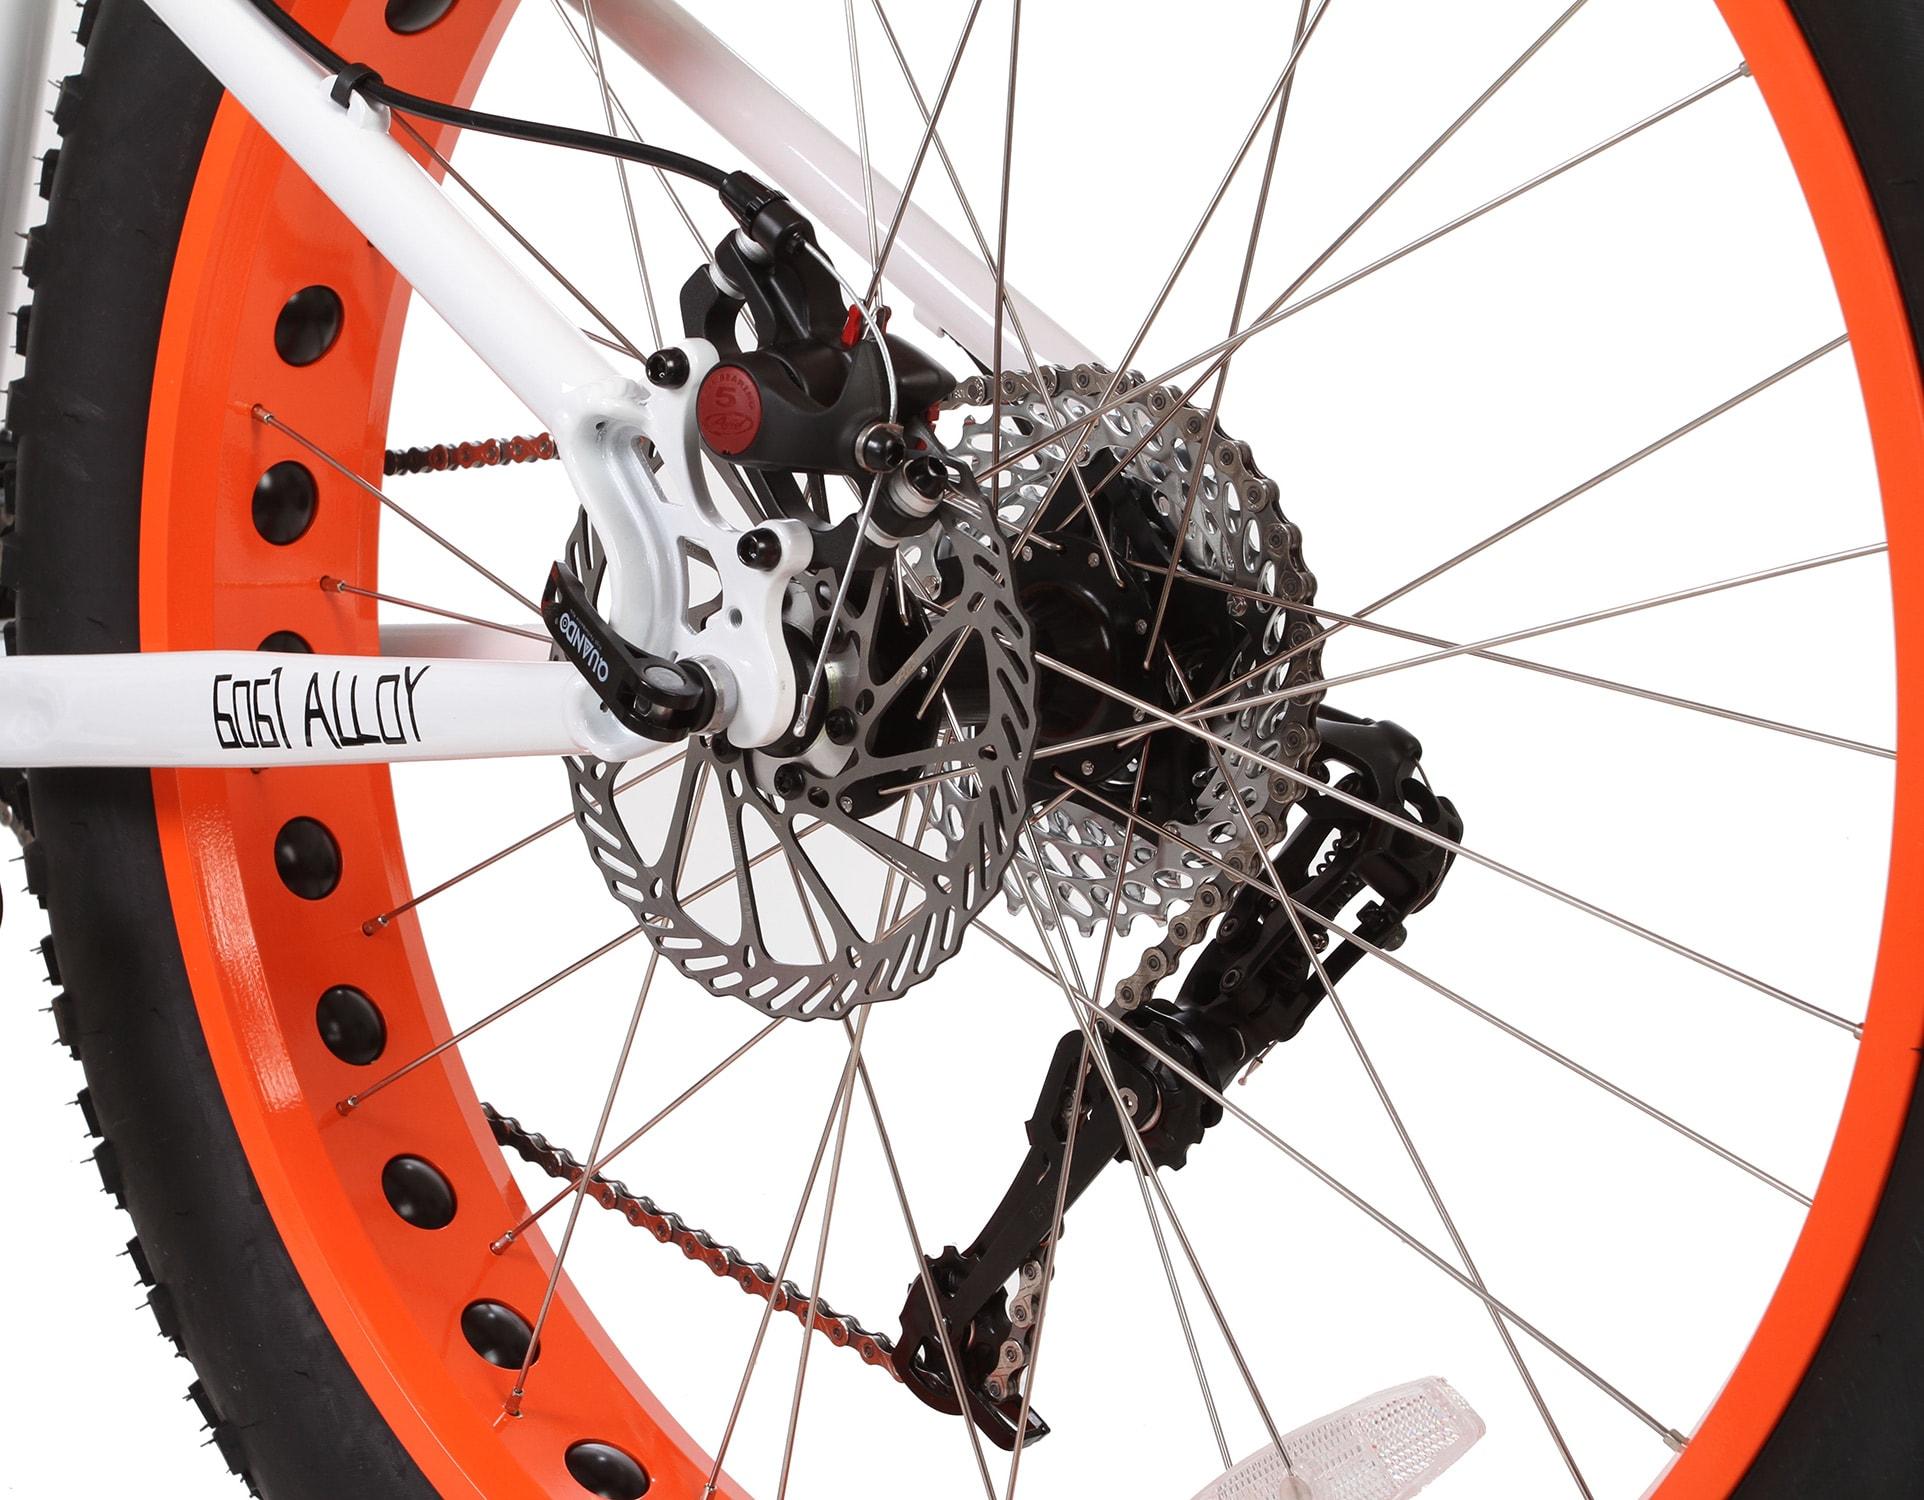 Framed Minnesota 1.2 Fat Bike | eBay